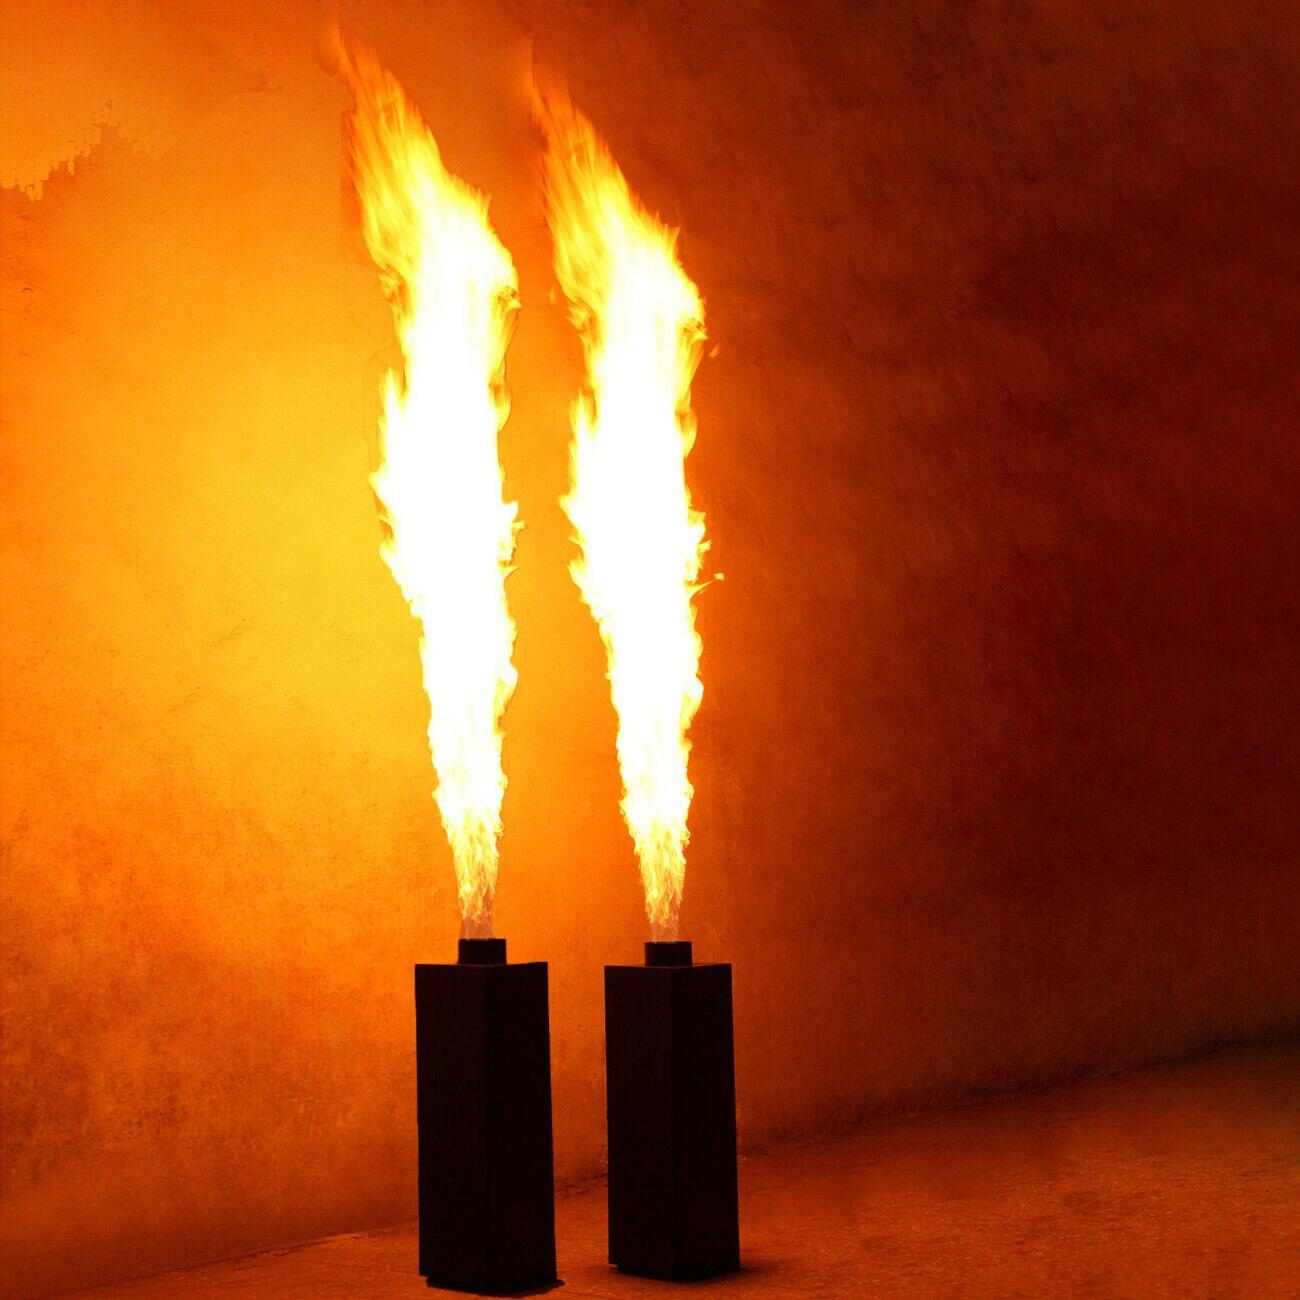 Honhill 2x200w chama pulverização projetor palco projetor efeito de fogo dmx512 aerossol chama dj palco projetor máquina festa